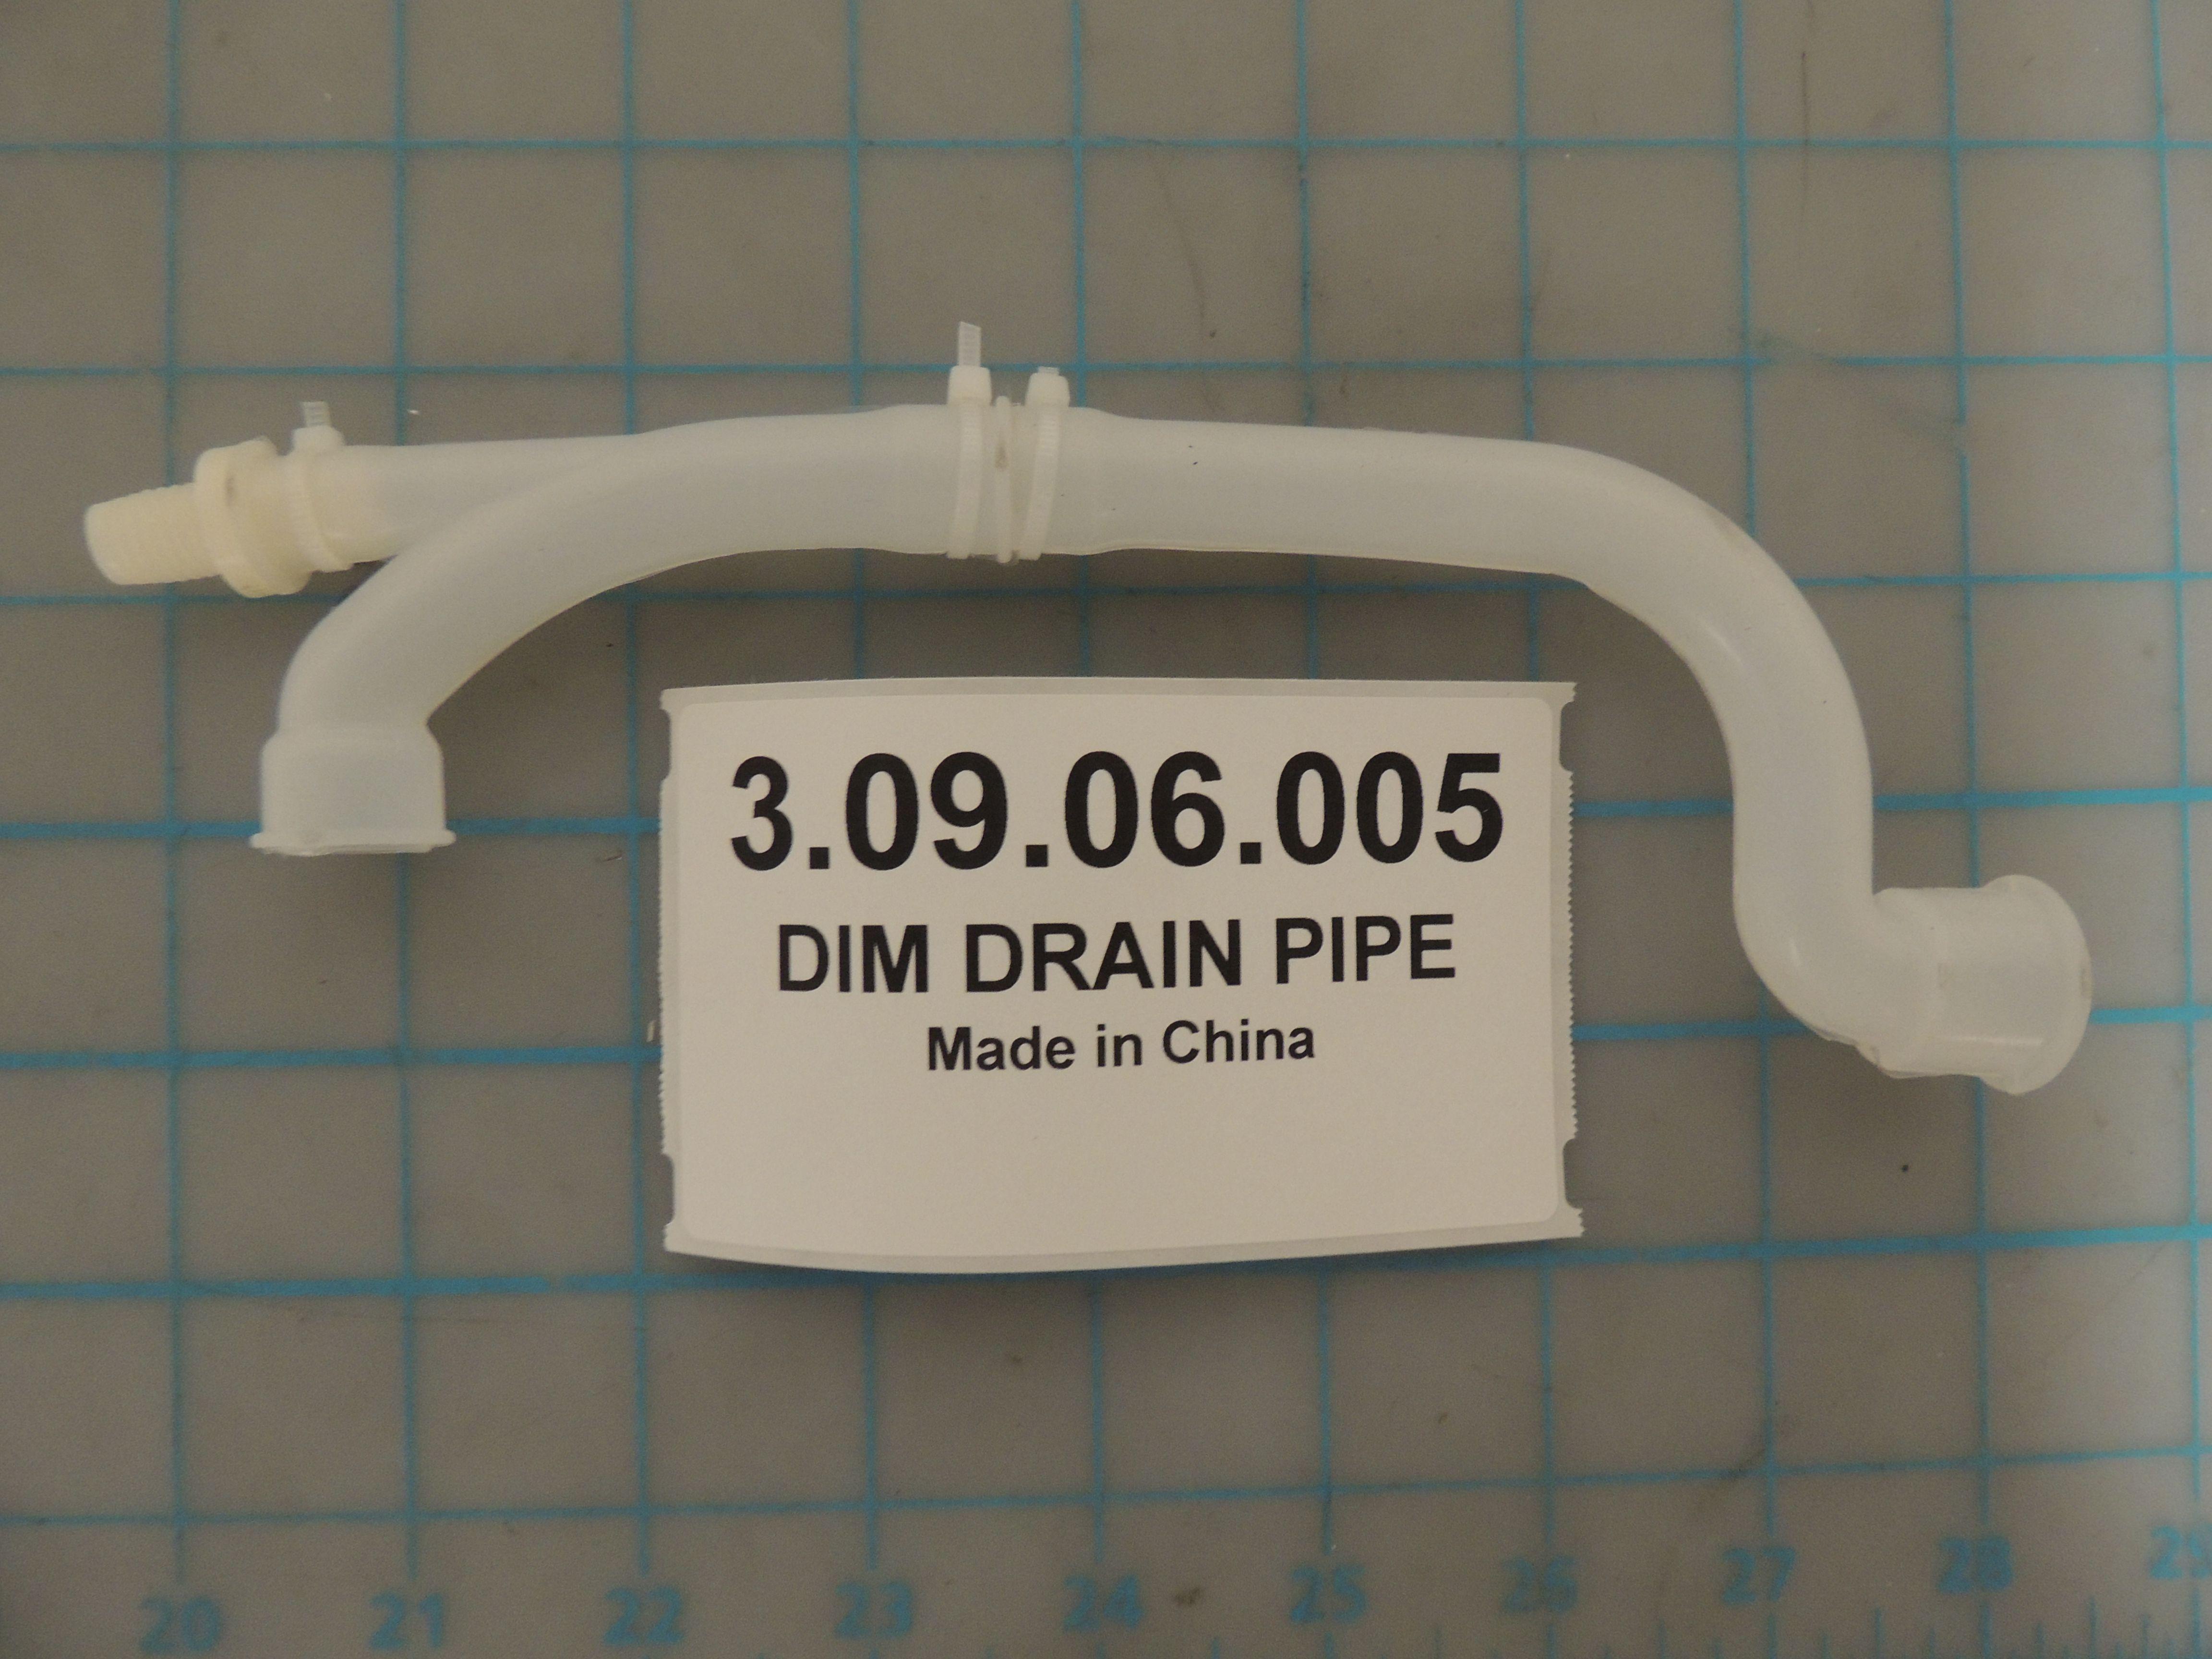 DIM DRAIN PIPE